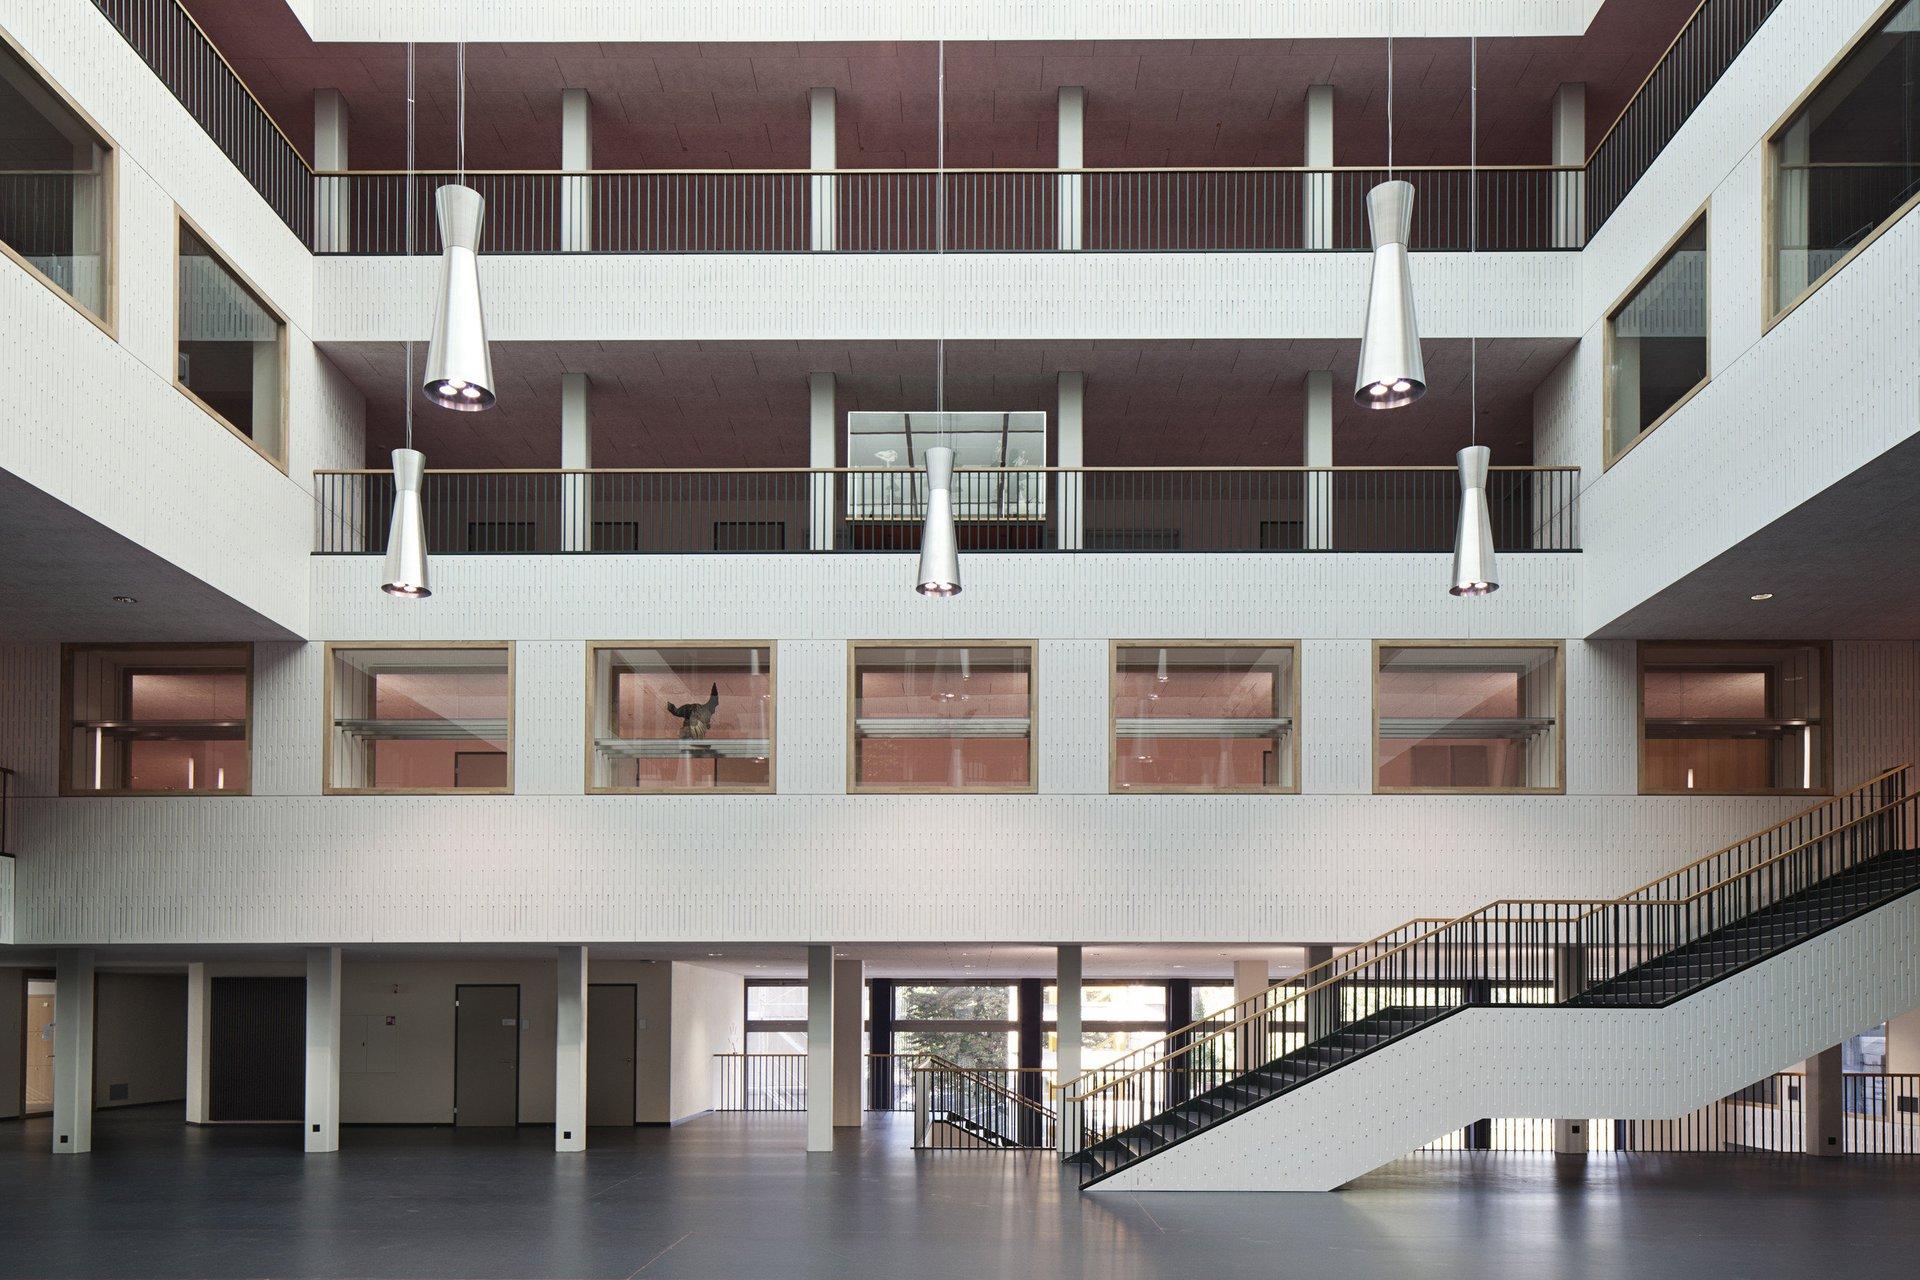 Schulhaus mit Innenhalle über mehrere Stockwerke mit Indoorfenster